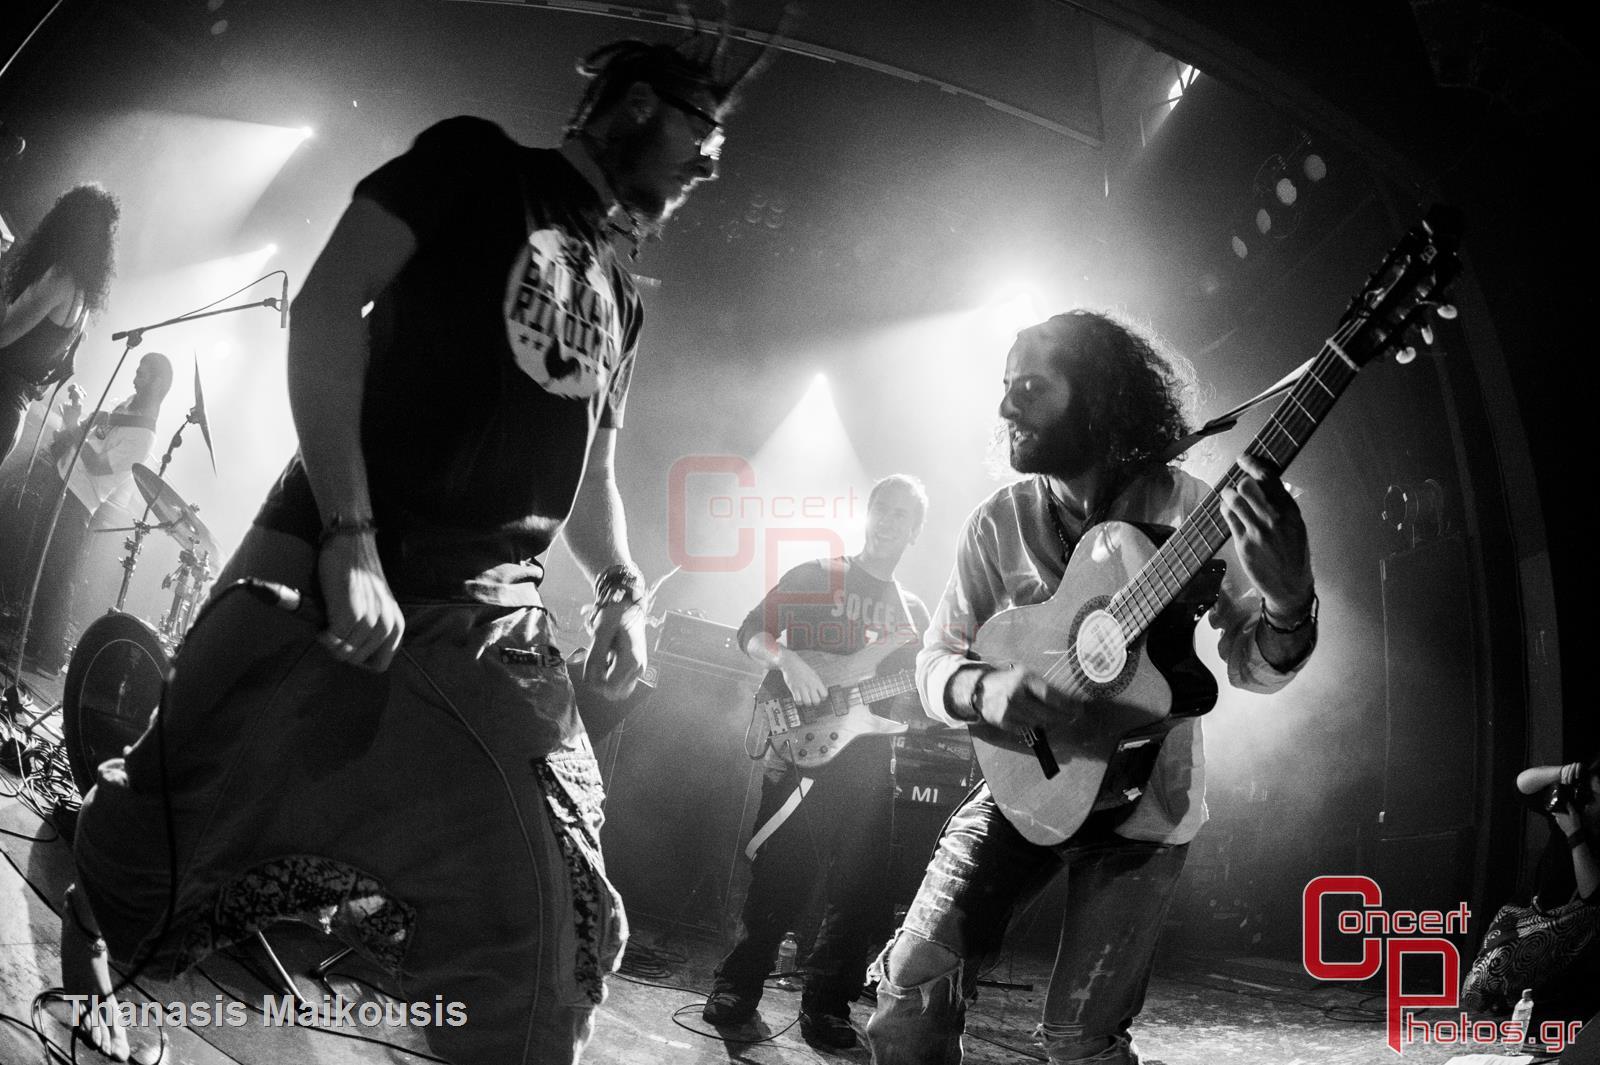 Dub Inc-Dub Inc photographer: Thanasis Maikousis - concertphotos_-5260